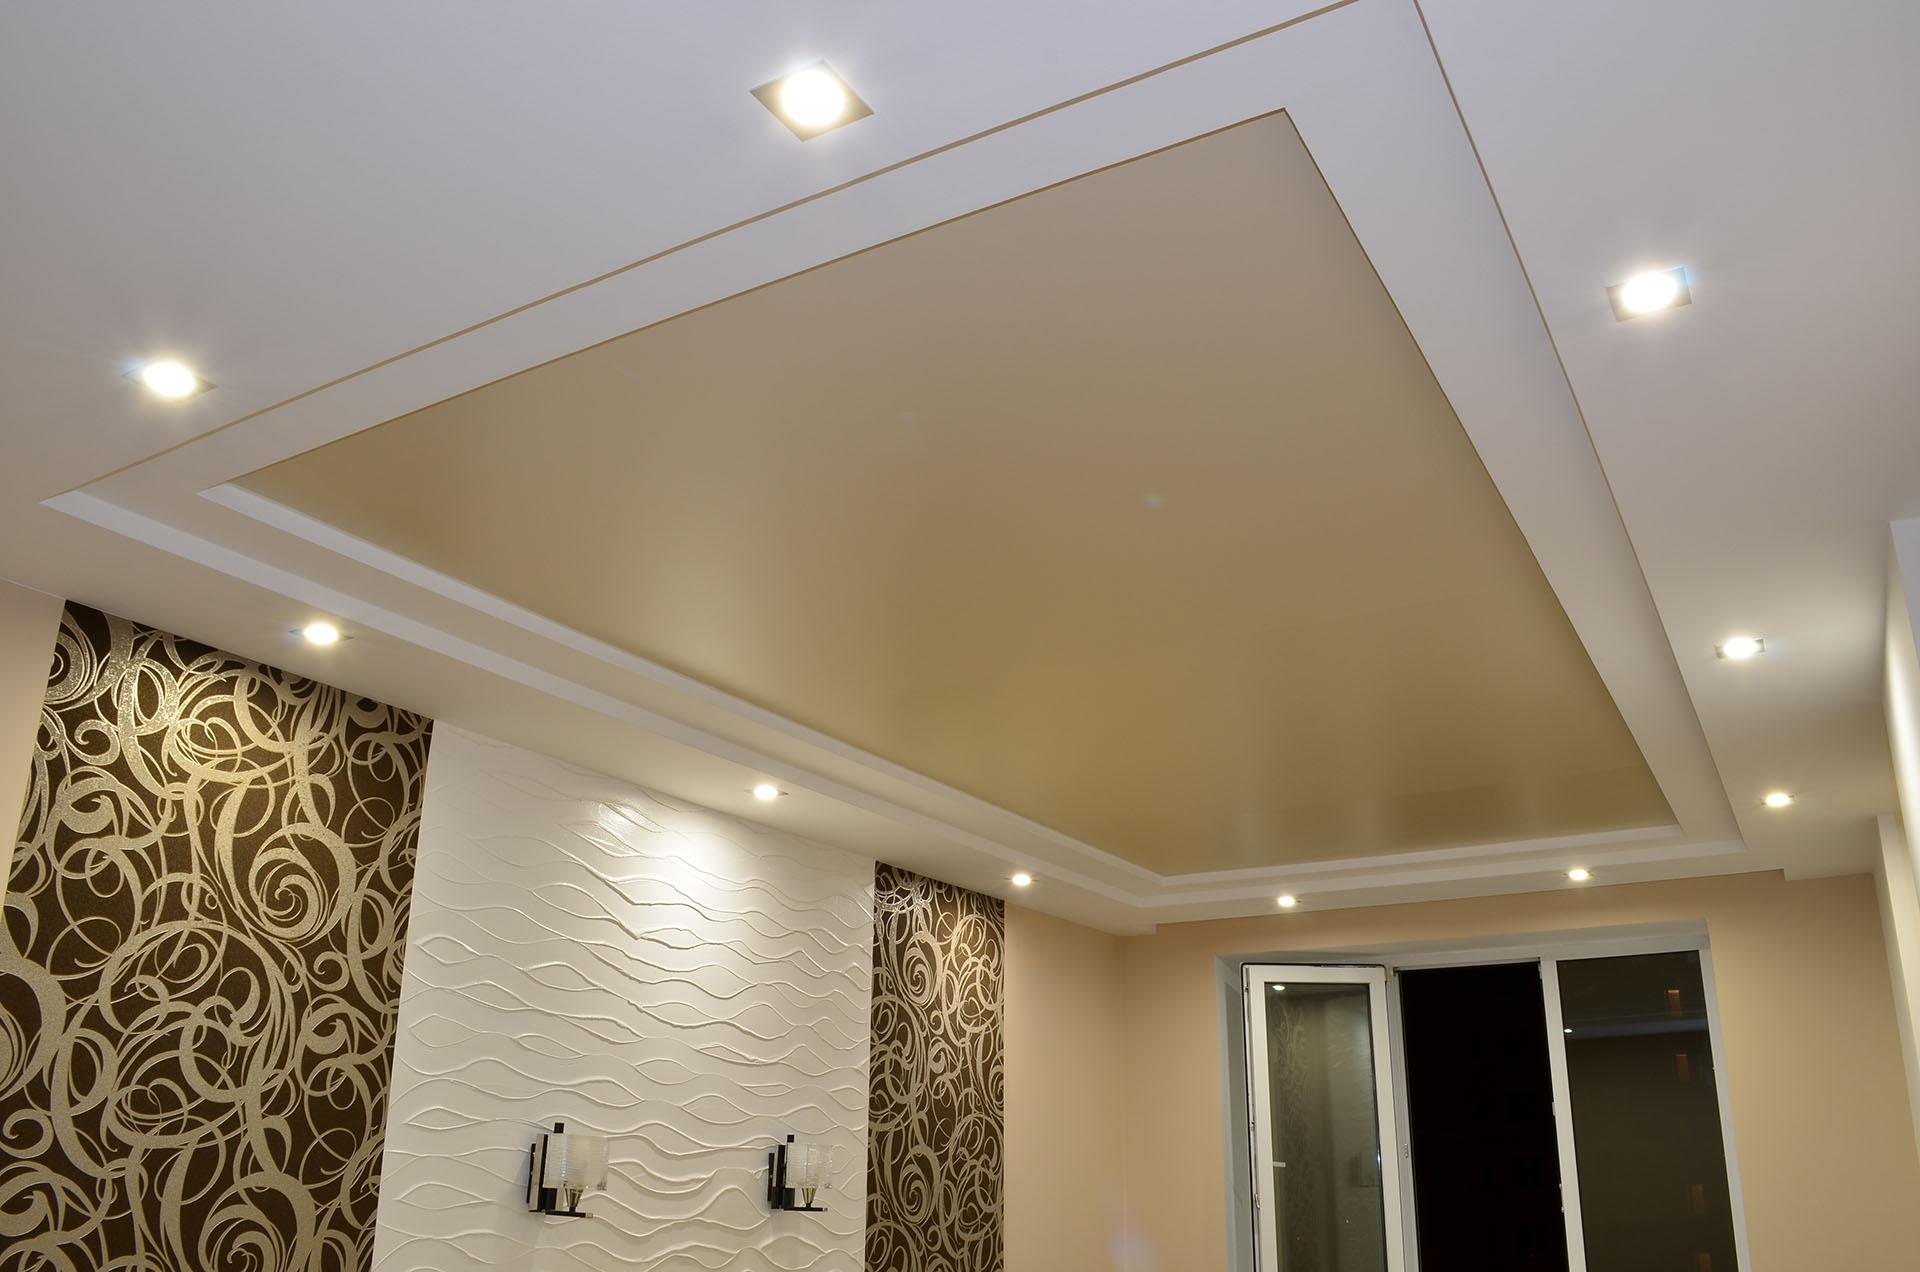 Матовый потолок со встроенными светильниками мощностью 12 ВТ, высота потолков 2,5м